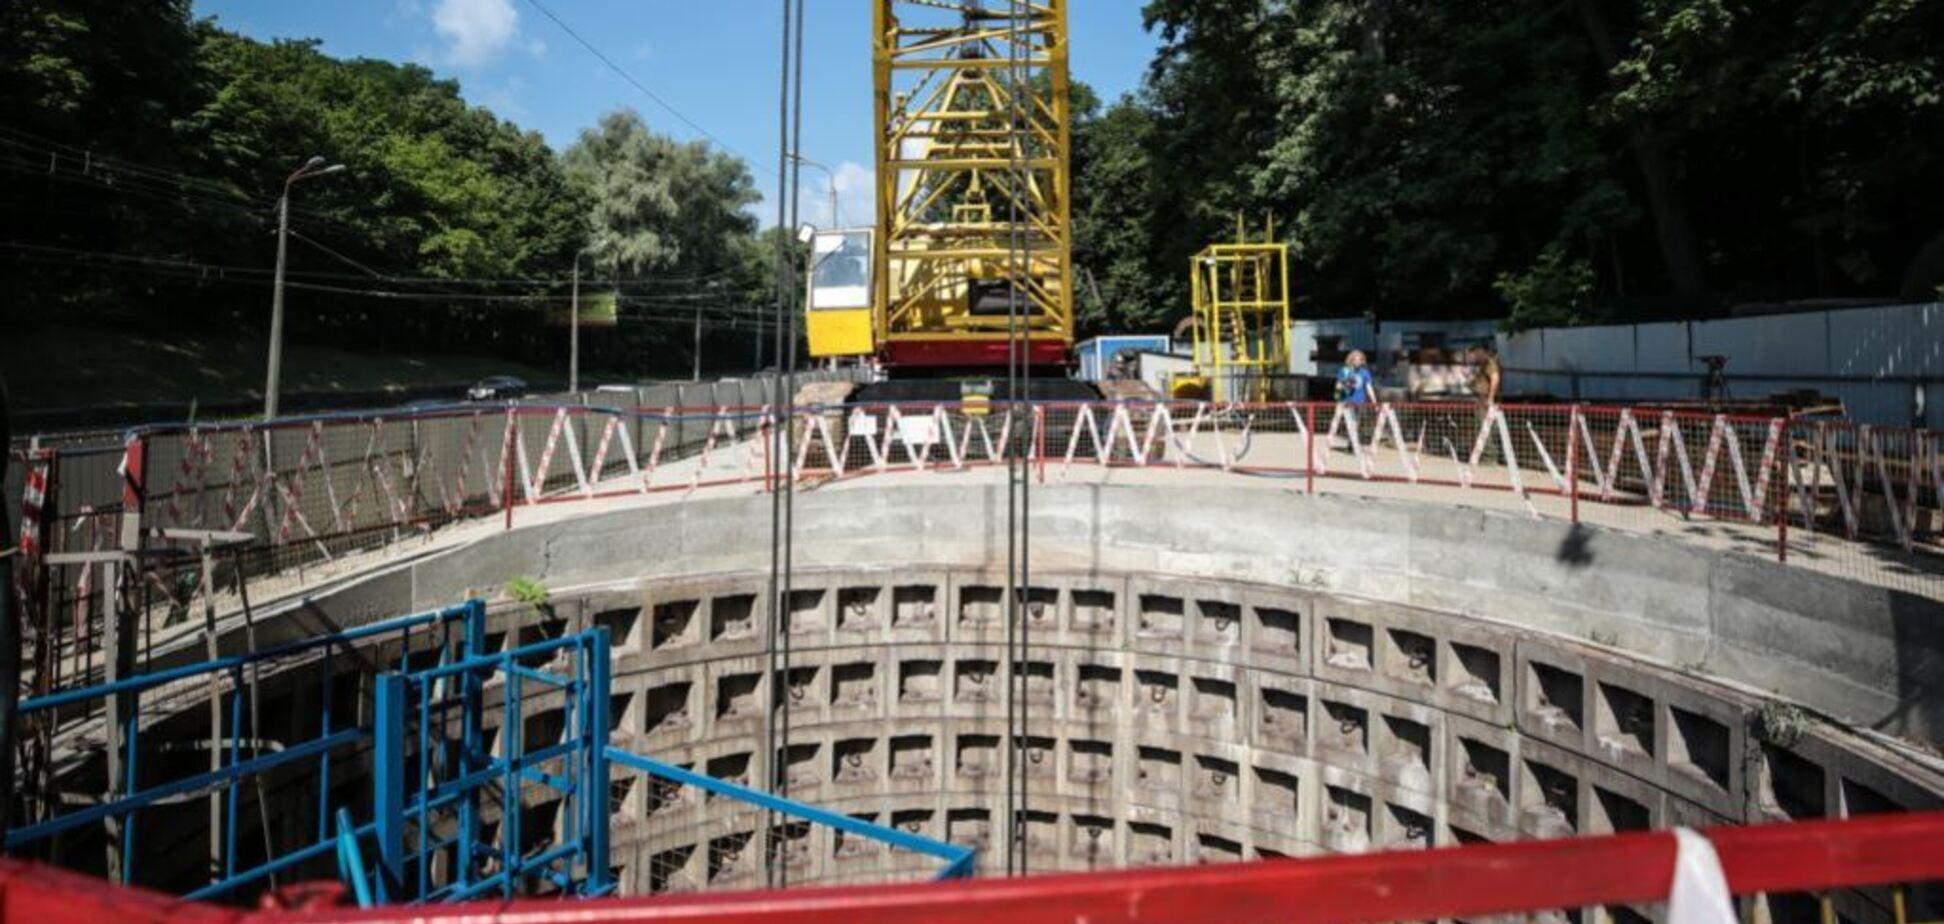 В Киеве появятся новые станции метро: фоторепортаж из эпицентра строительства